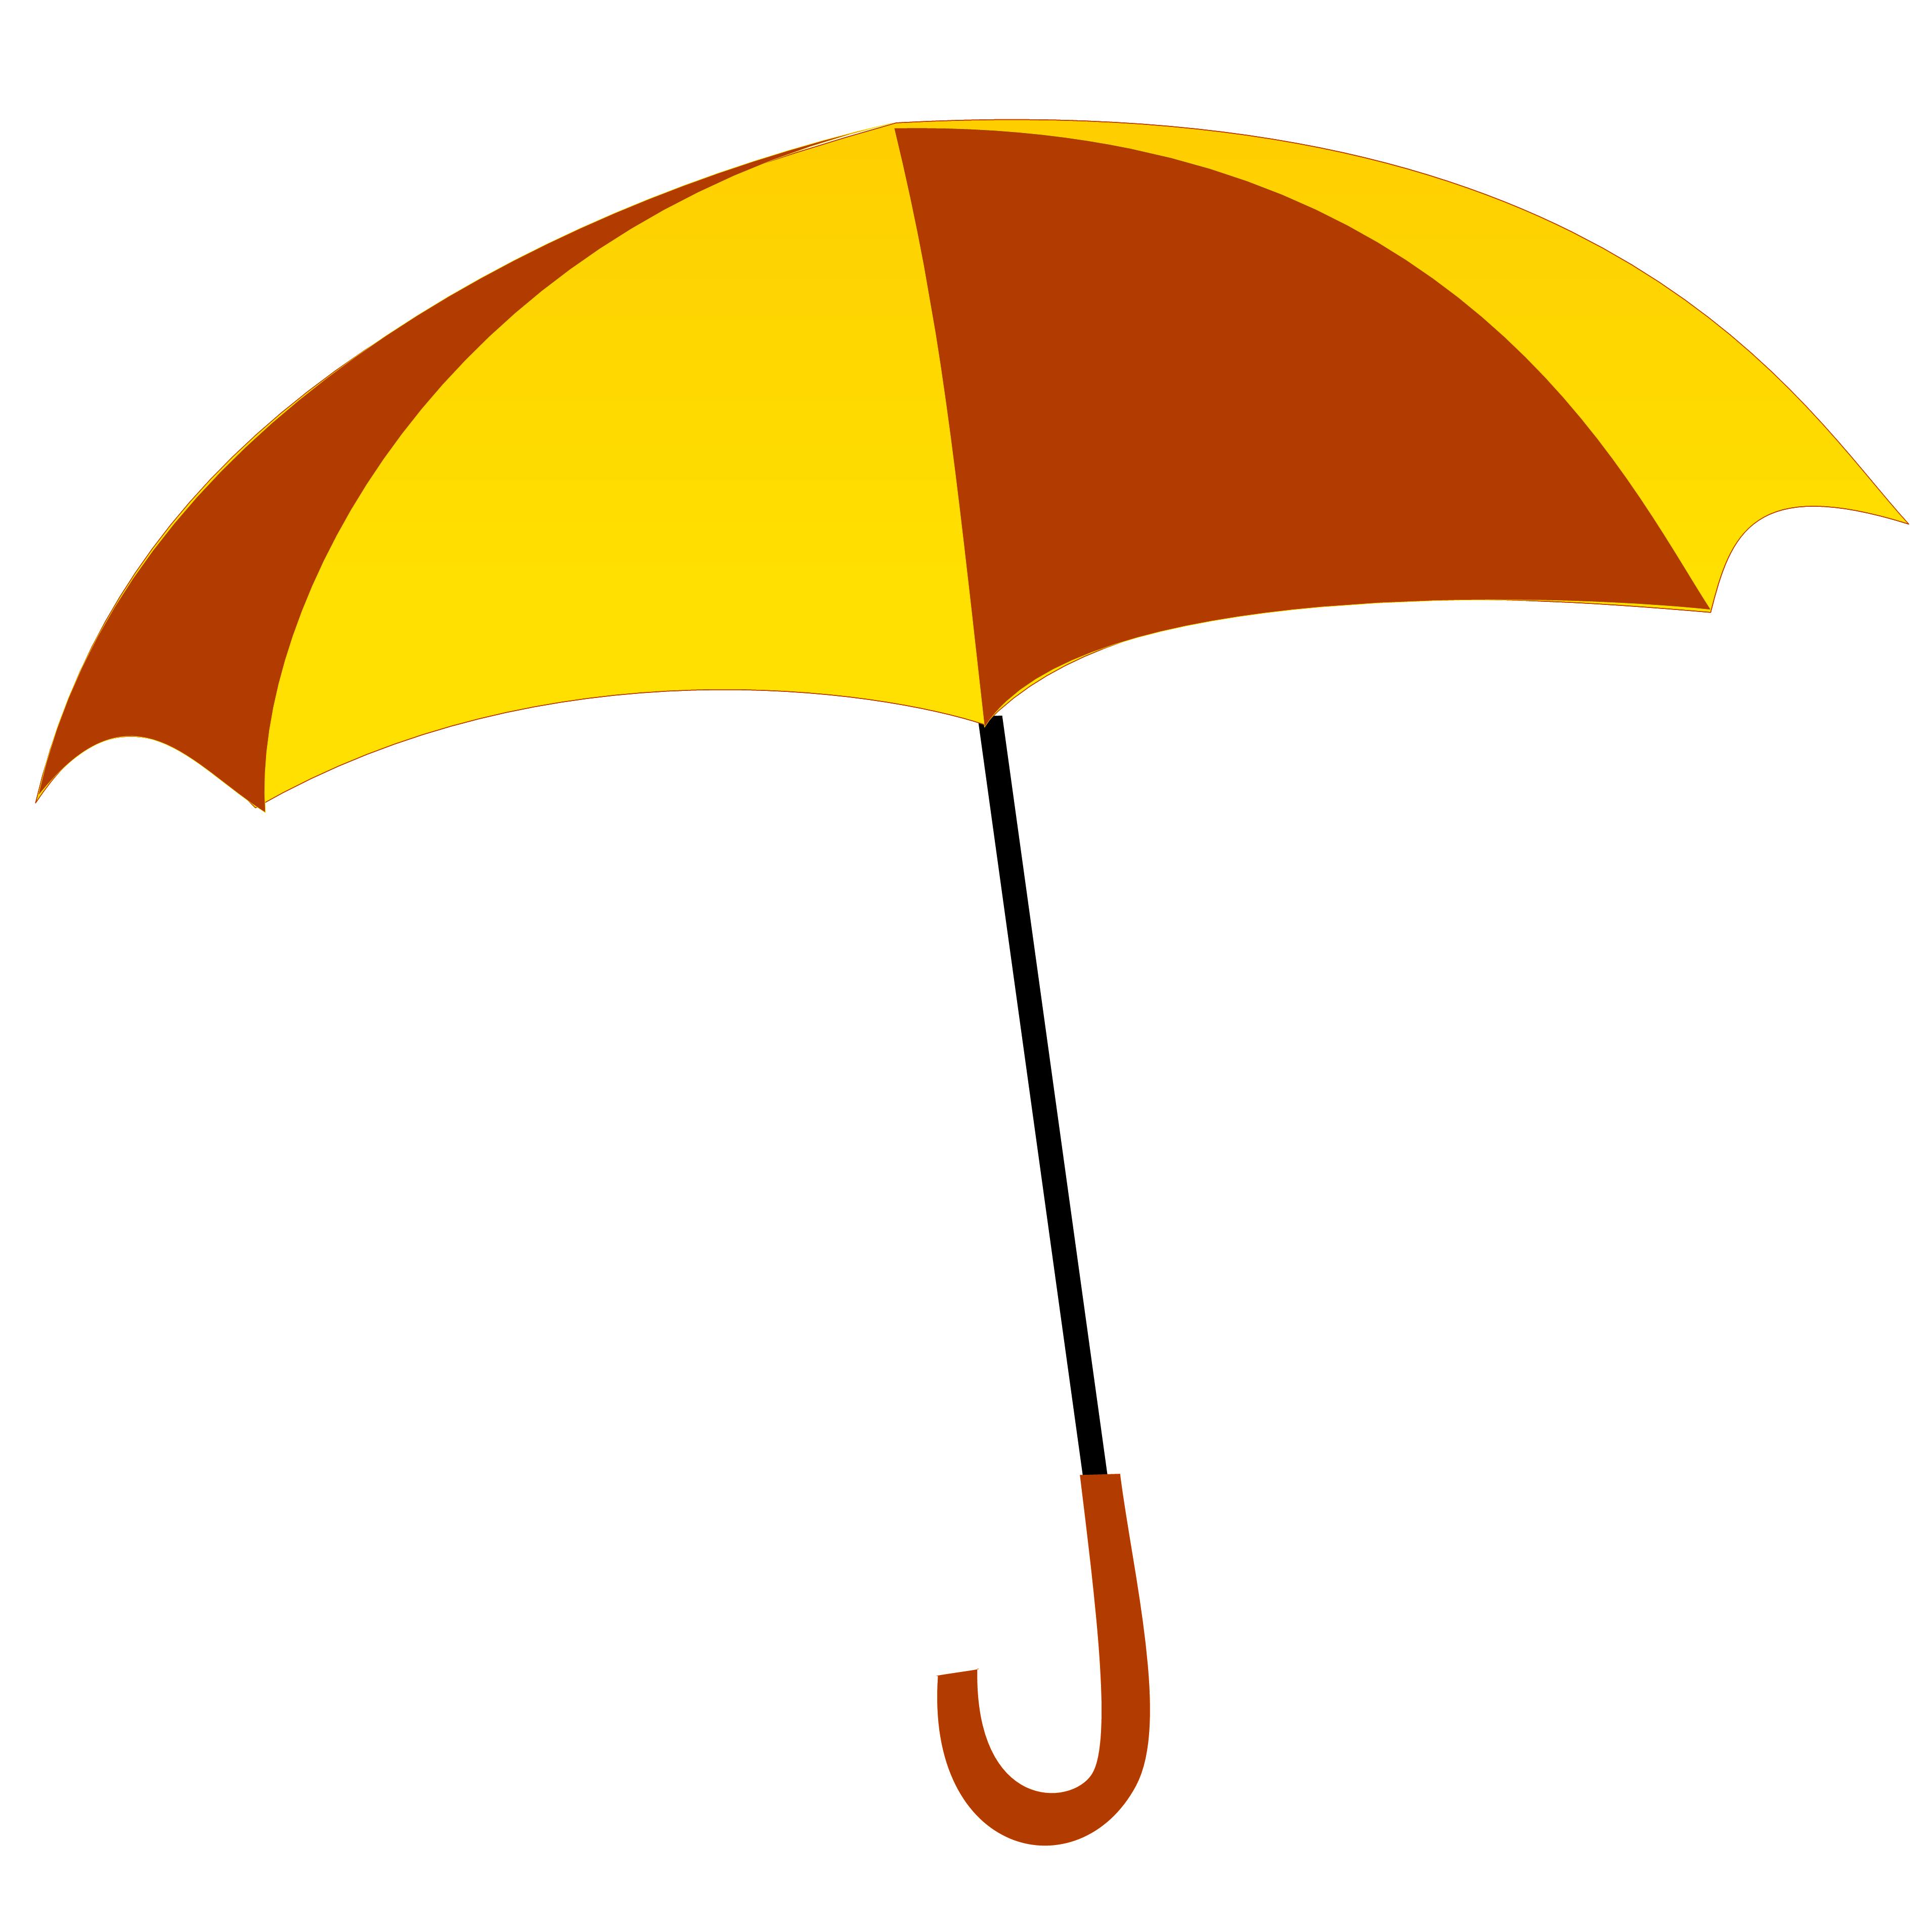 Umbrella Clipart Png Image Clip Art Umbrella Image